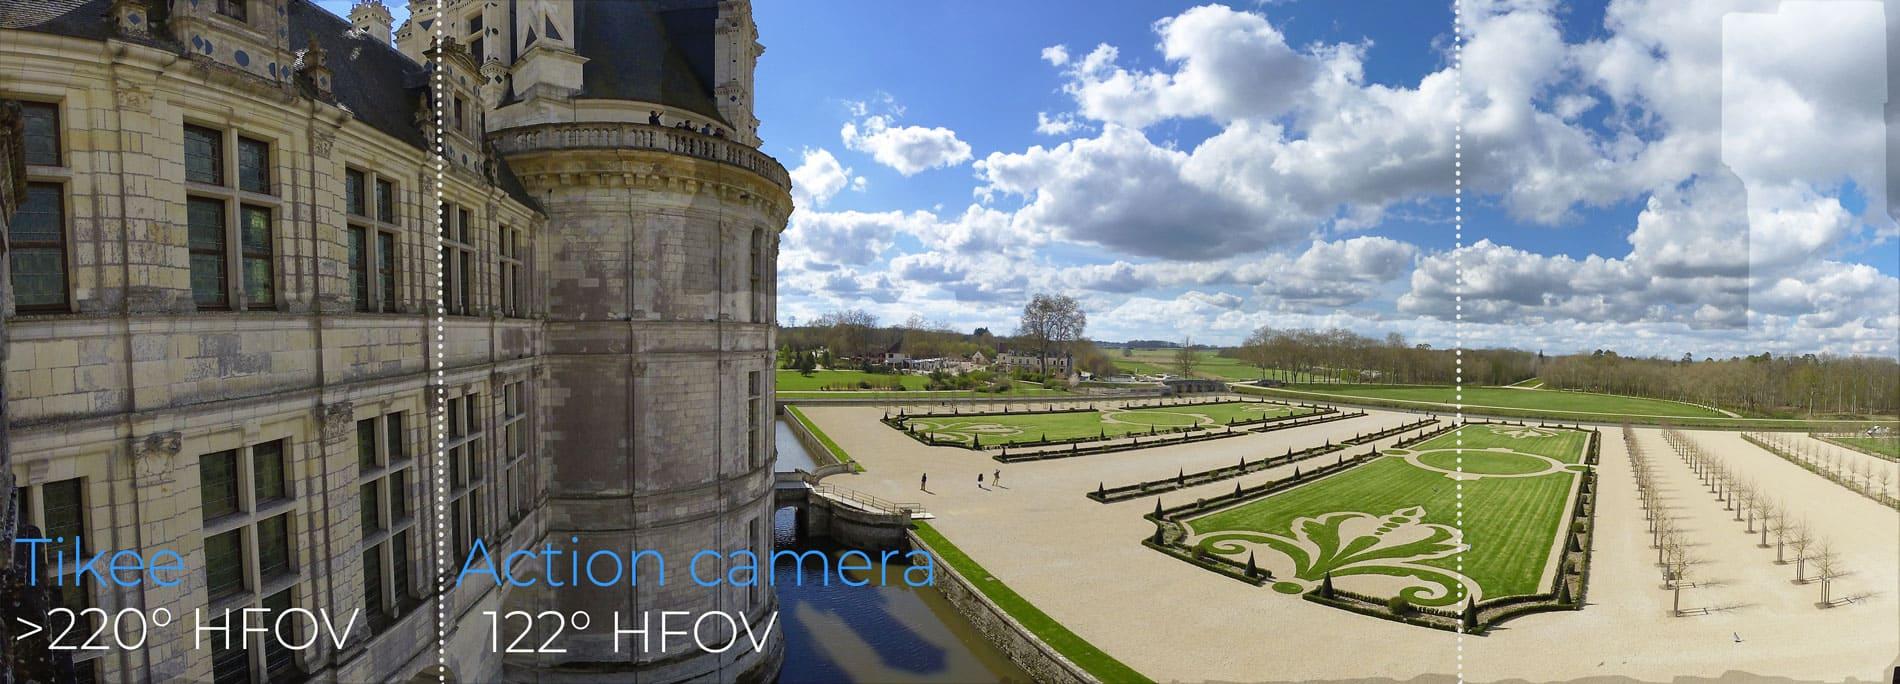 HFOV catégorie caméra slide 2